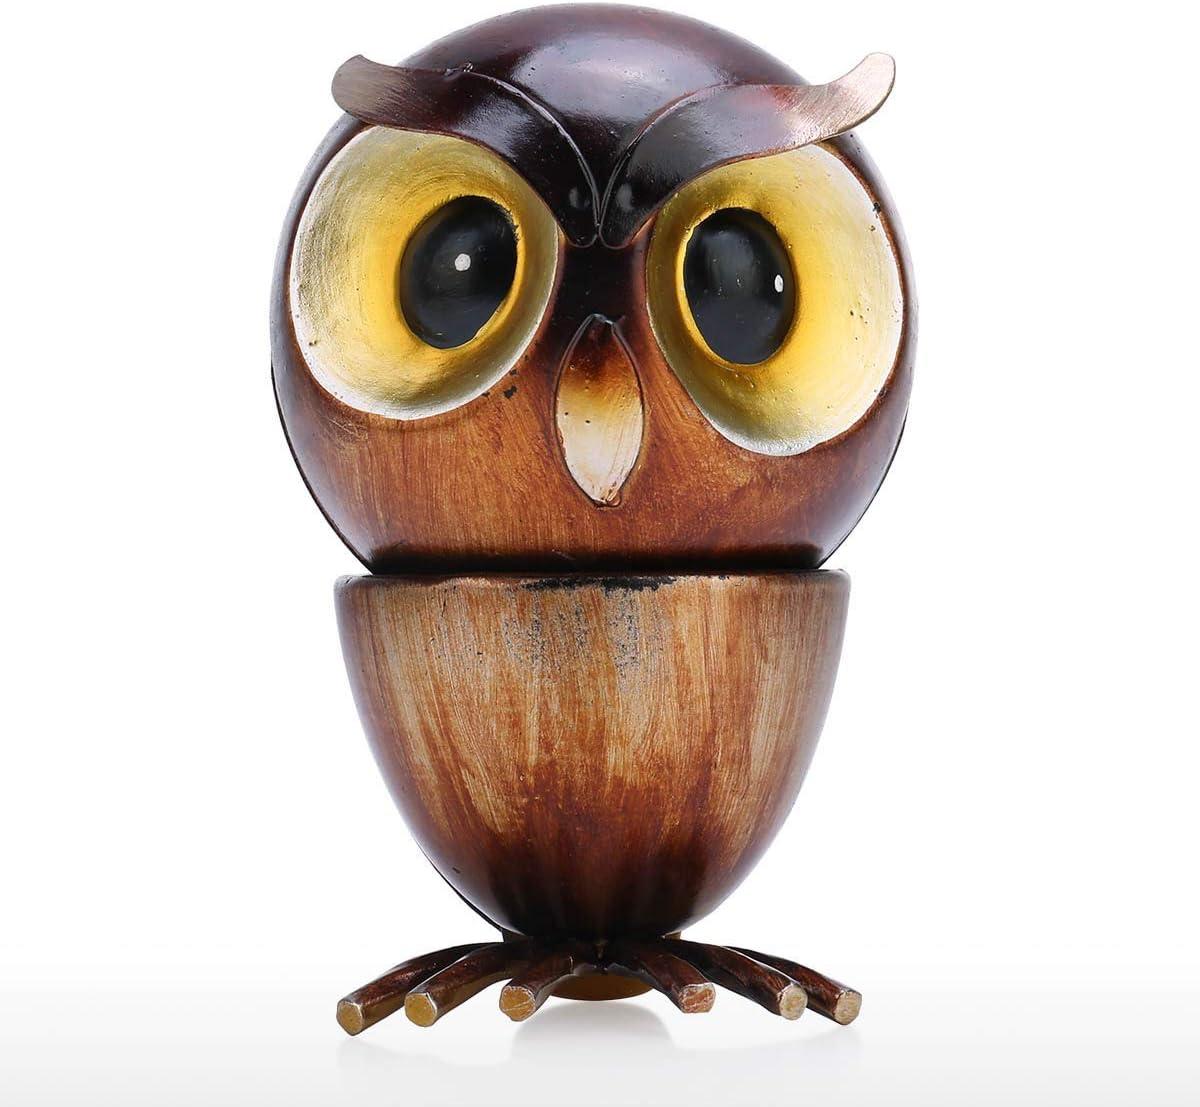 Tooarts- Adorno Decorativo de Búho de Hierro con Cabeza Girar 360 Grados Apariencia Linda Exquisitas Artesanías Decoración de Hogar en Escritorio/Soporte de Exhibición/Estante